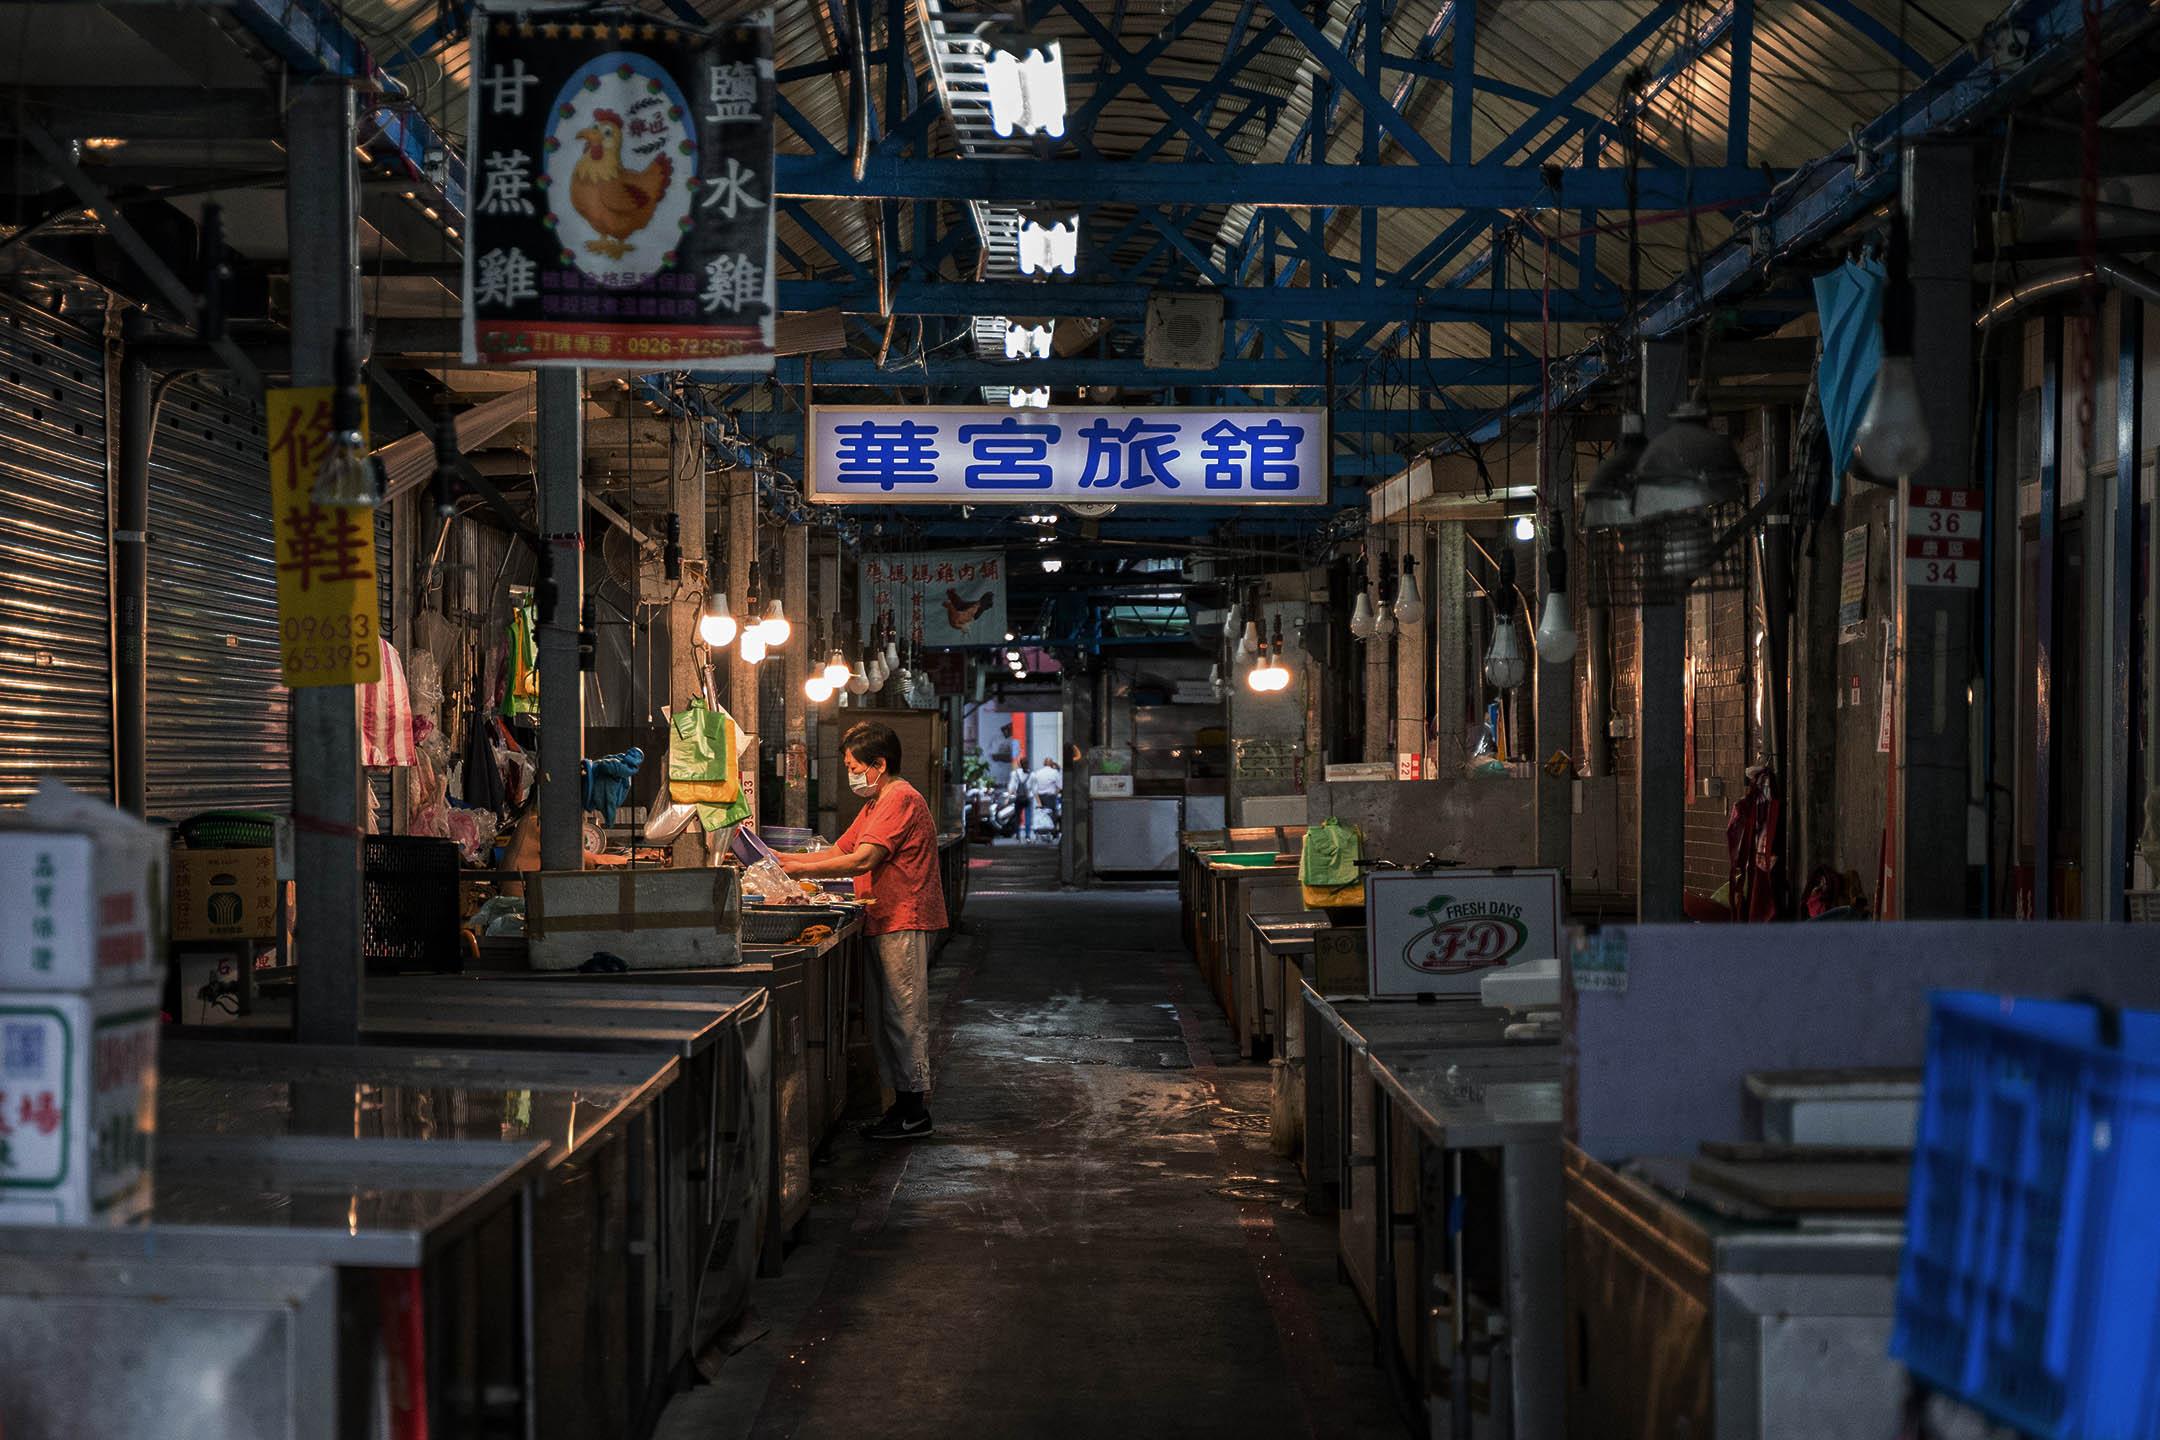 2021年5月16日台北,萬華區的街市。